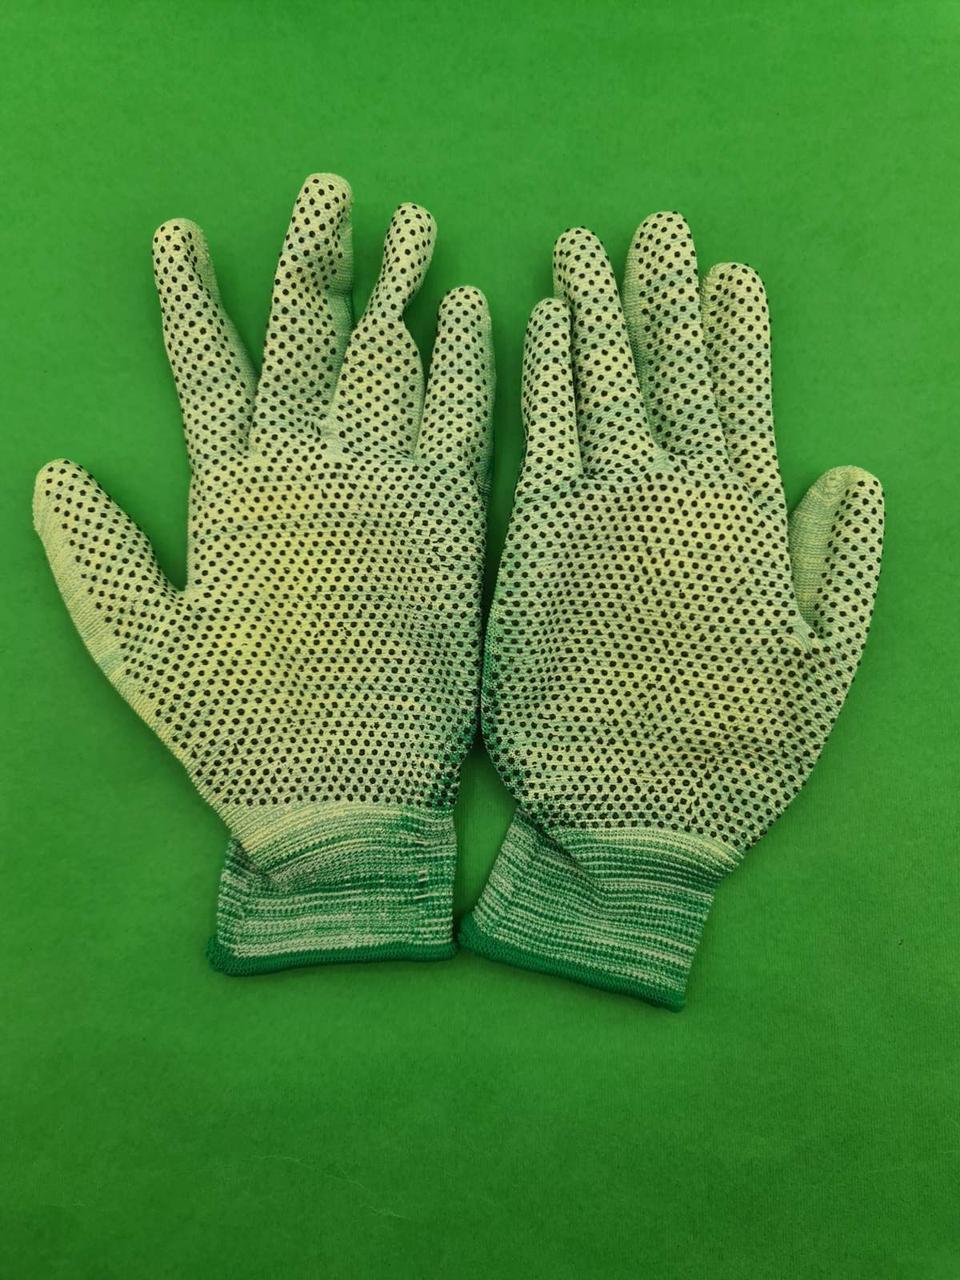 Хозяйственные перчатки с полиуретановым покрытием и ПВХ точкой (12 пар)